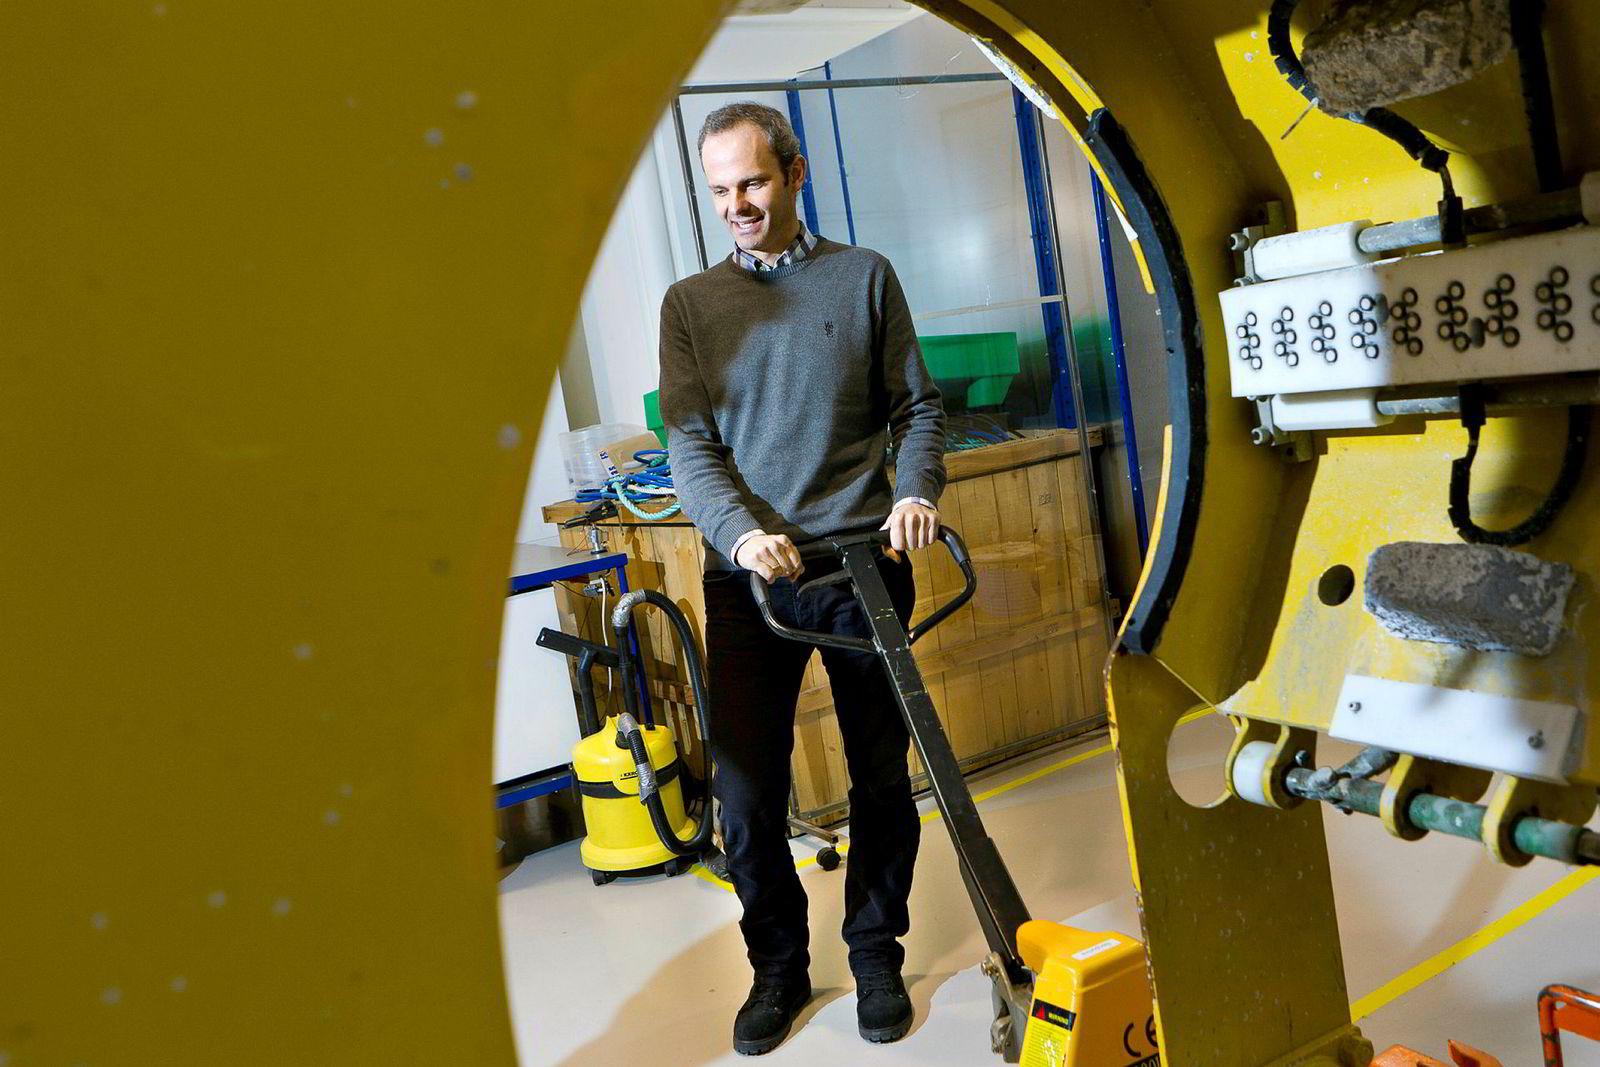 Toppsjef, grunnlegger og friluftsentusiast Børge Gjeldvik leder Axess-gruppen fra Molde.